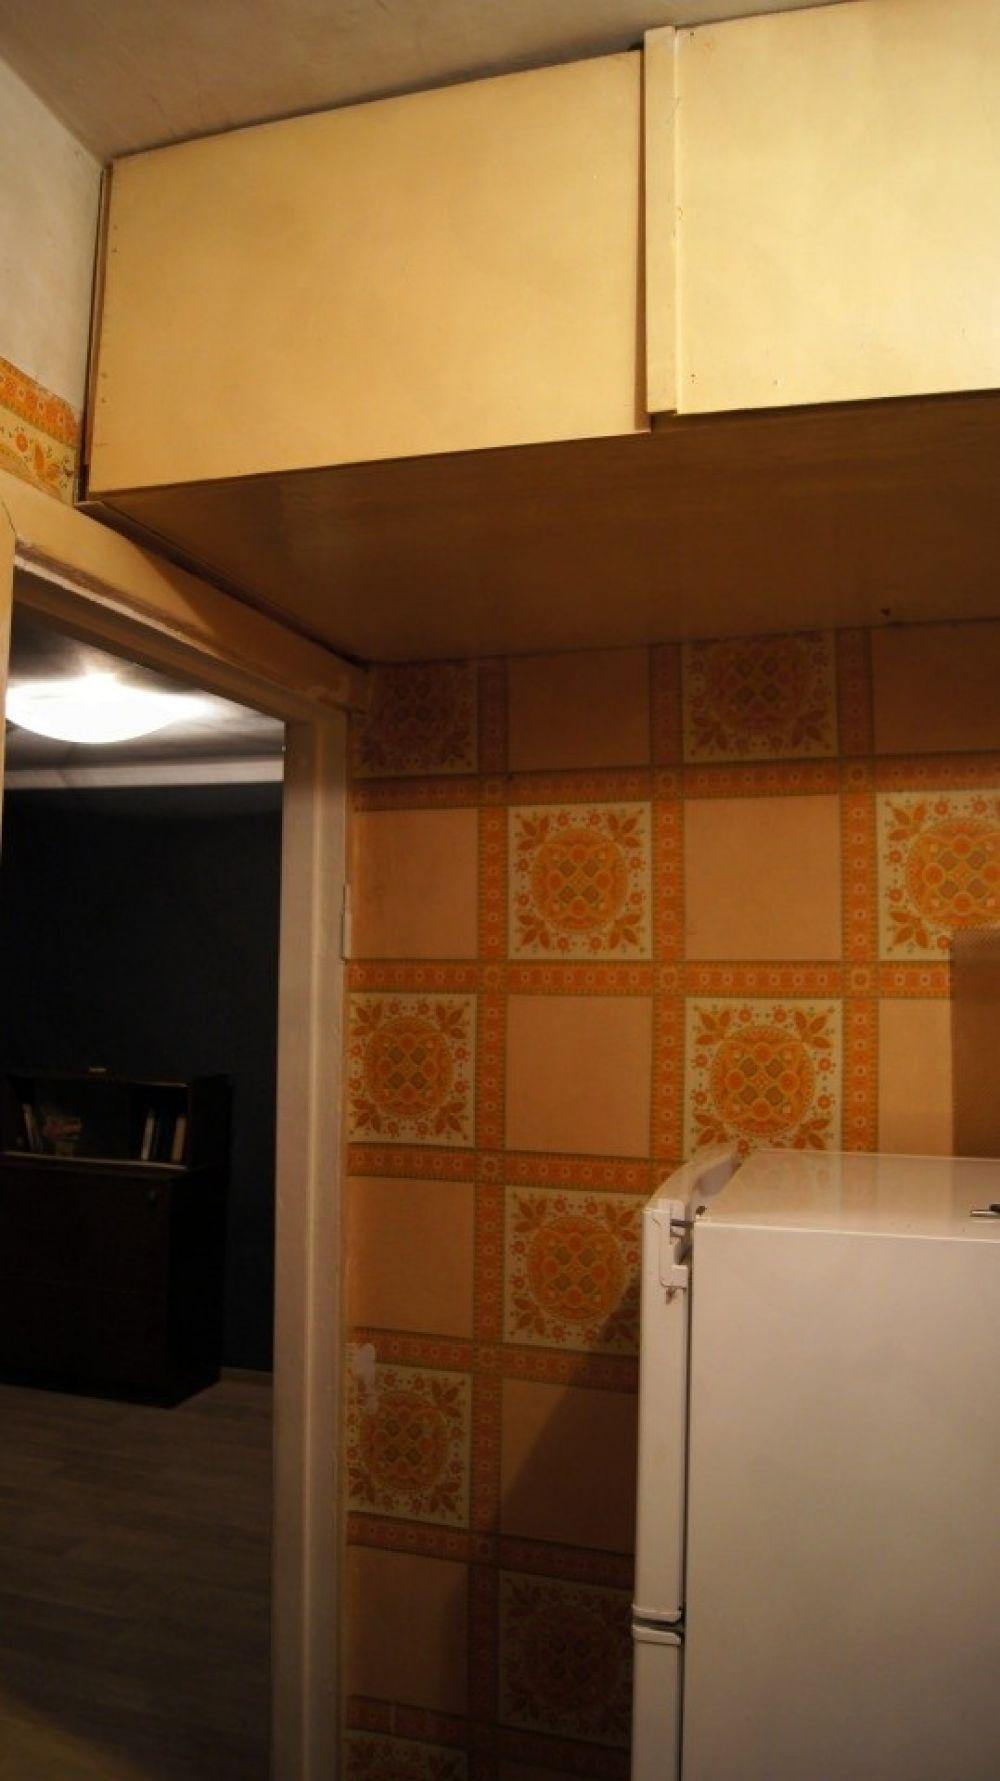 1-к квартира, г. Королев, ул. Толстого, д.4а, фото 10